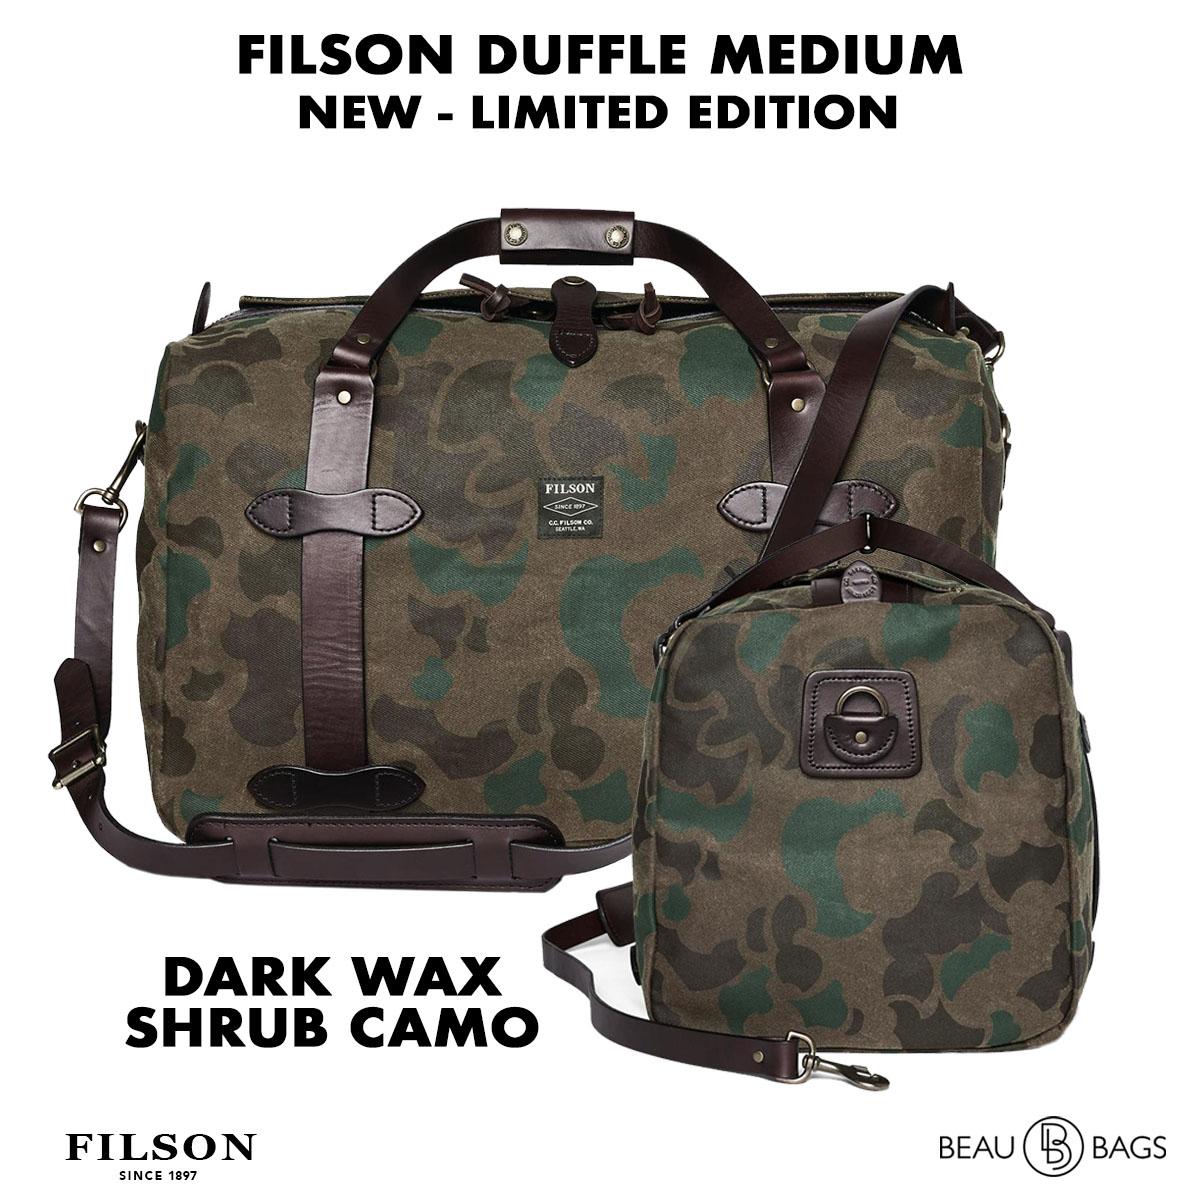 Filson Waxed Duffle Medium Dark Wax Shrub Camo, reisetasche hergestellt für Schwersteinsätze